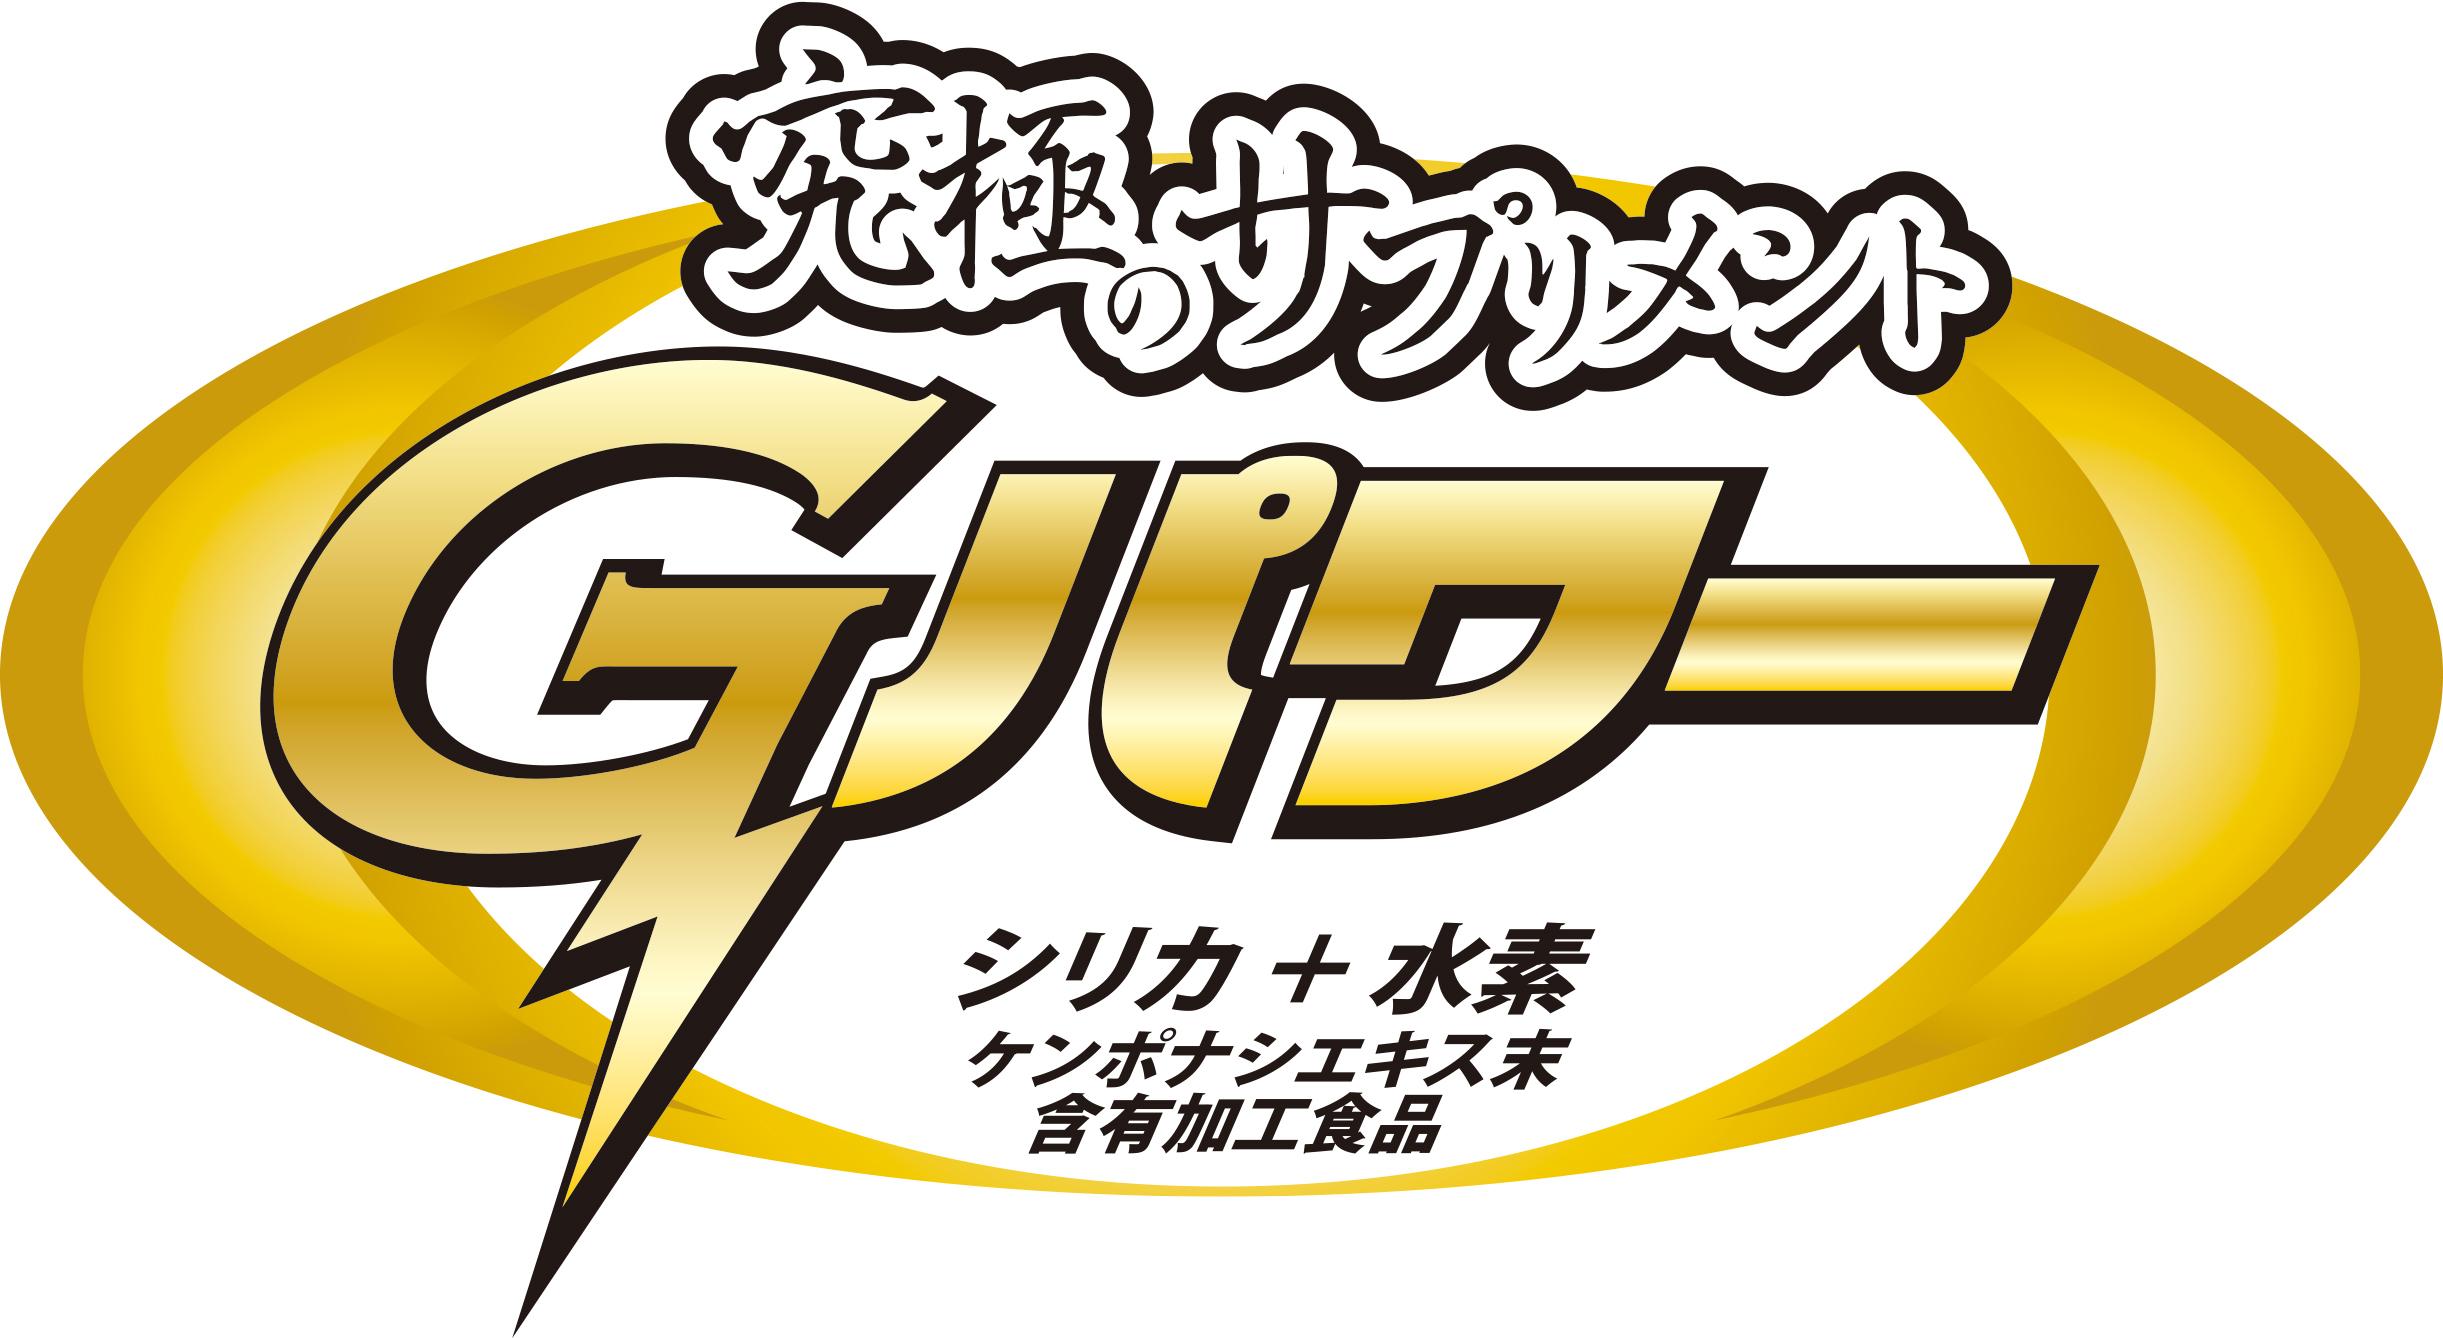 健康×美容・ツライ二日酔い スーパーサプリメント【Gパワー】